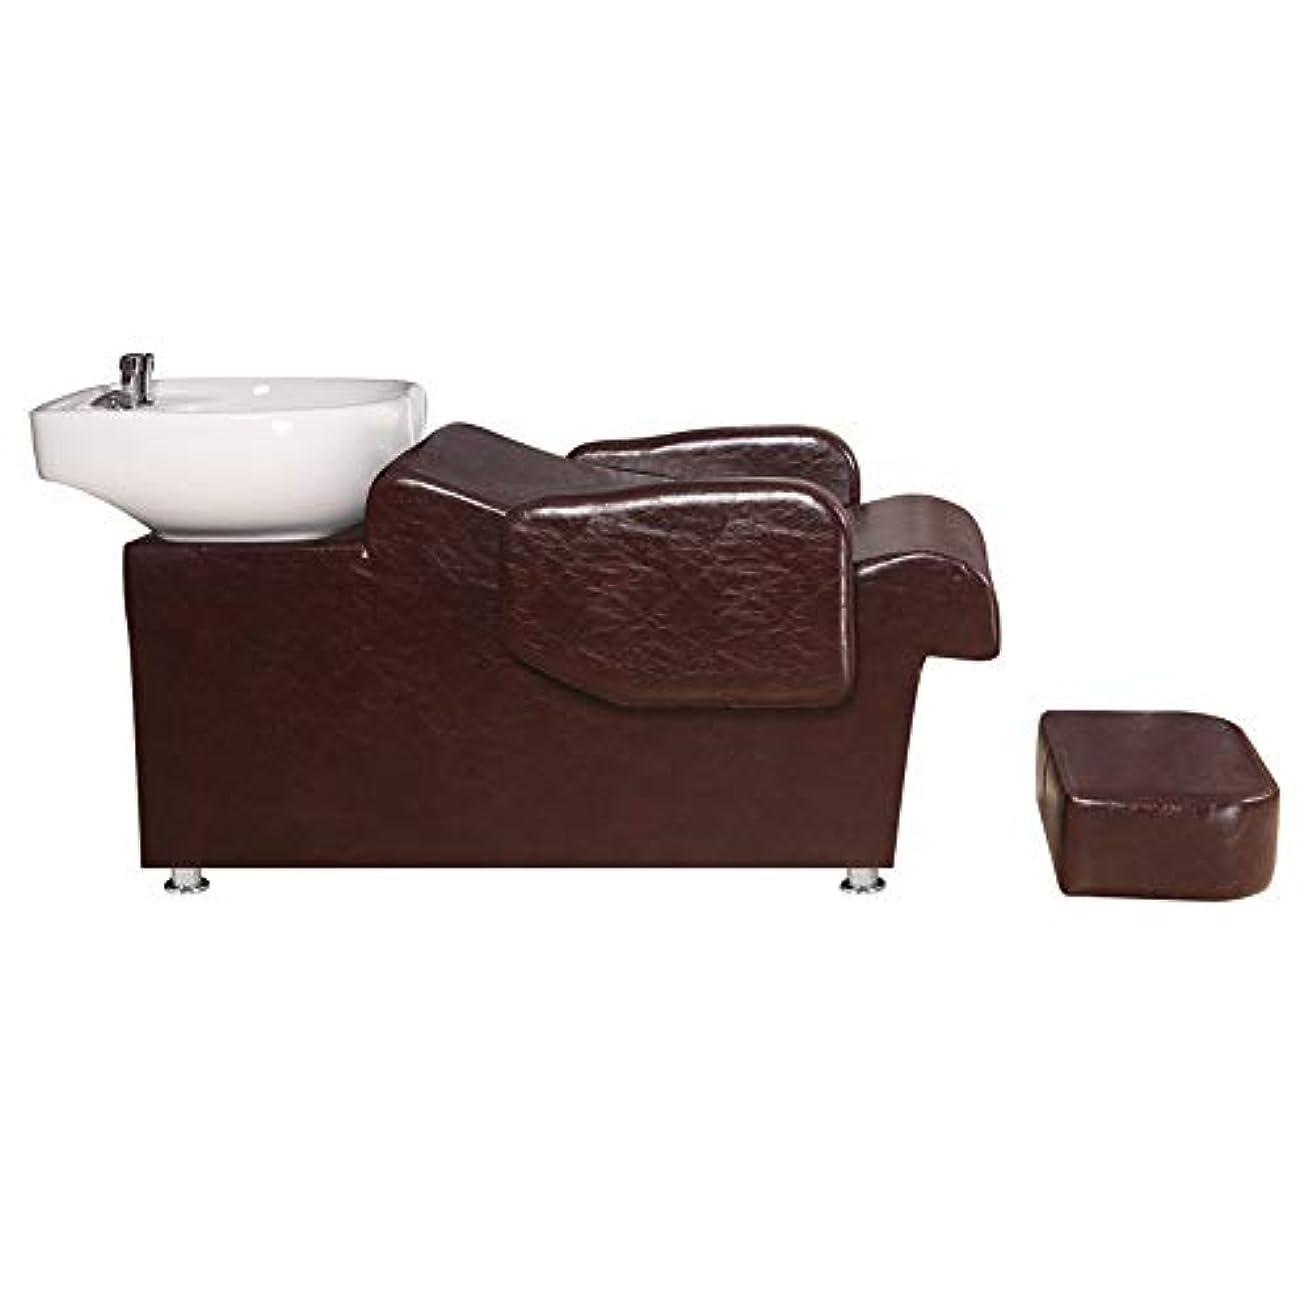 プレゼン傘うまシャンプーの理髪師の逆洗の椅子、鉱泉の美容院のためのシャンプーボールの流しの椅子半横たわっている鉱泉の美容院装置